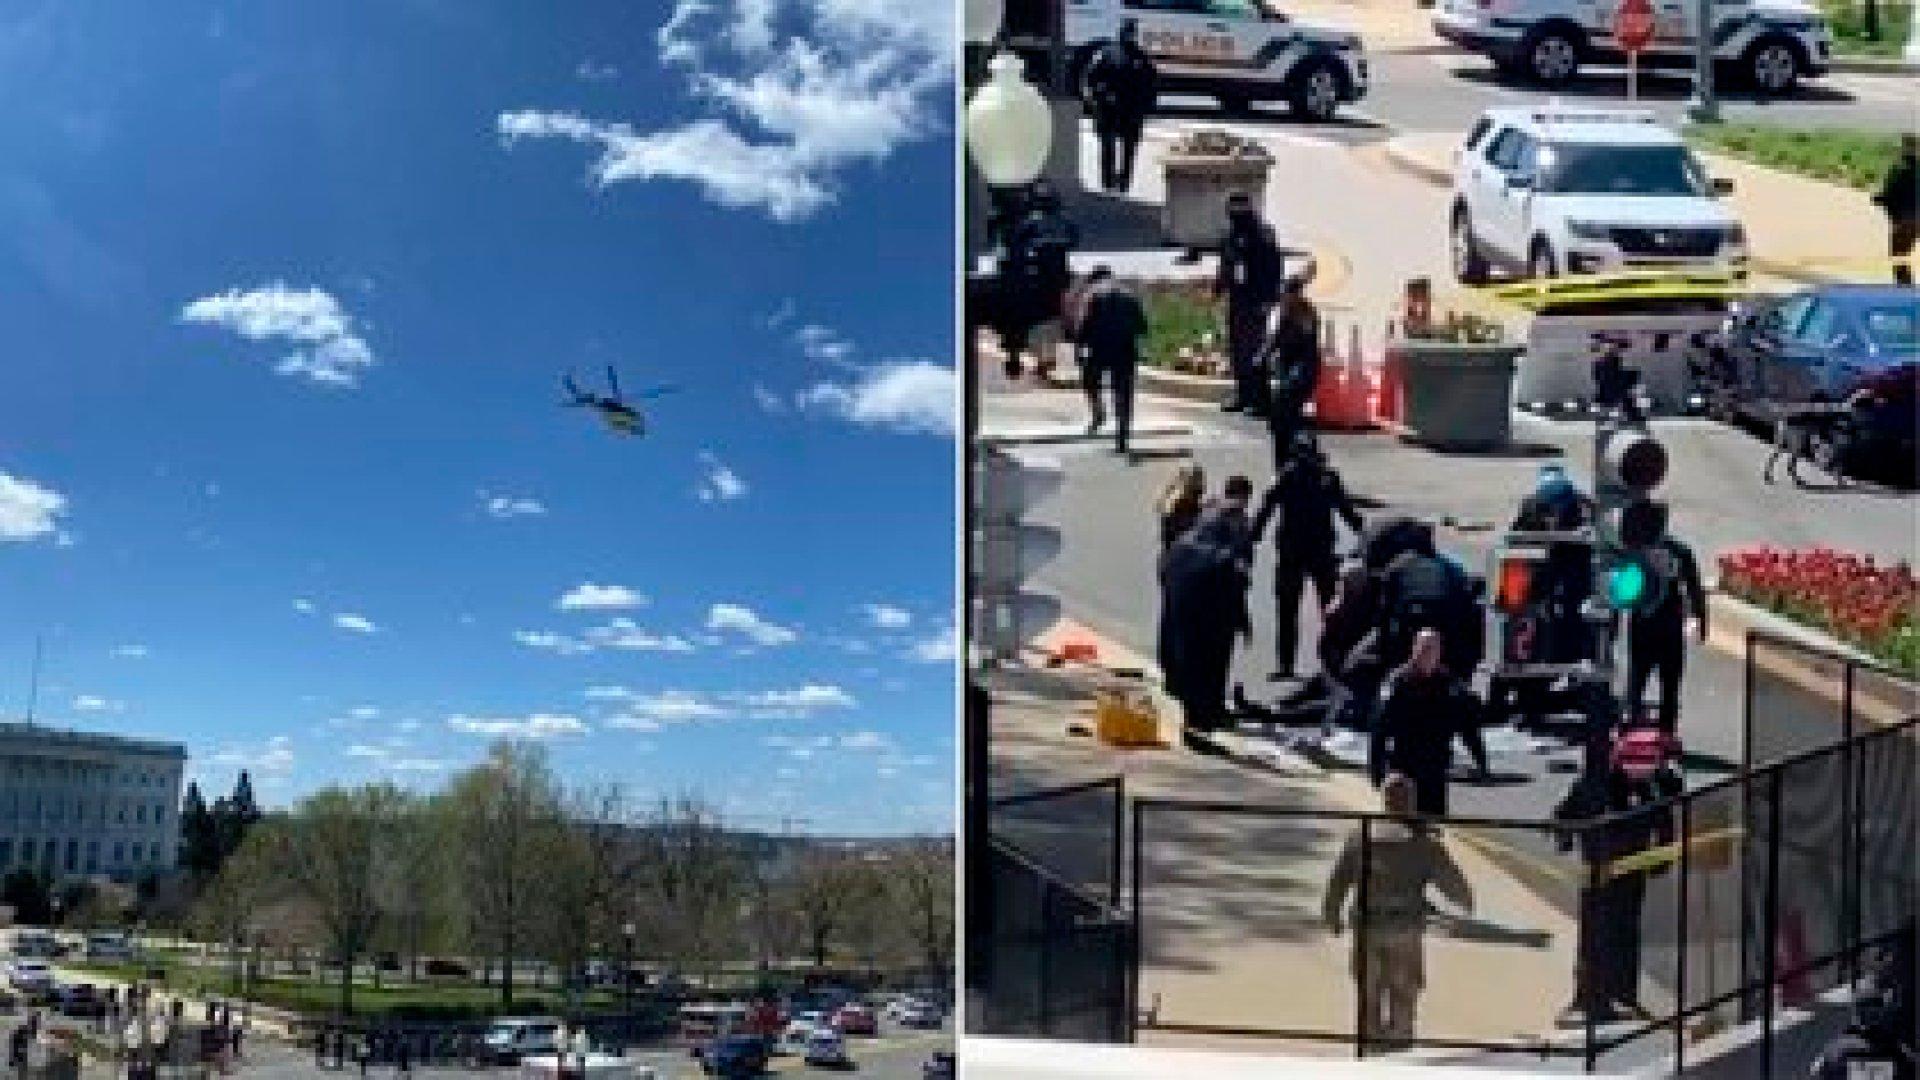 Dos imágenes de lo ocurrido en el Capitolio